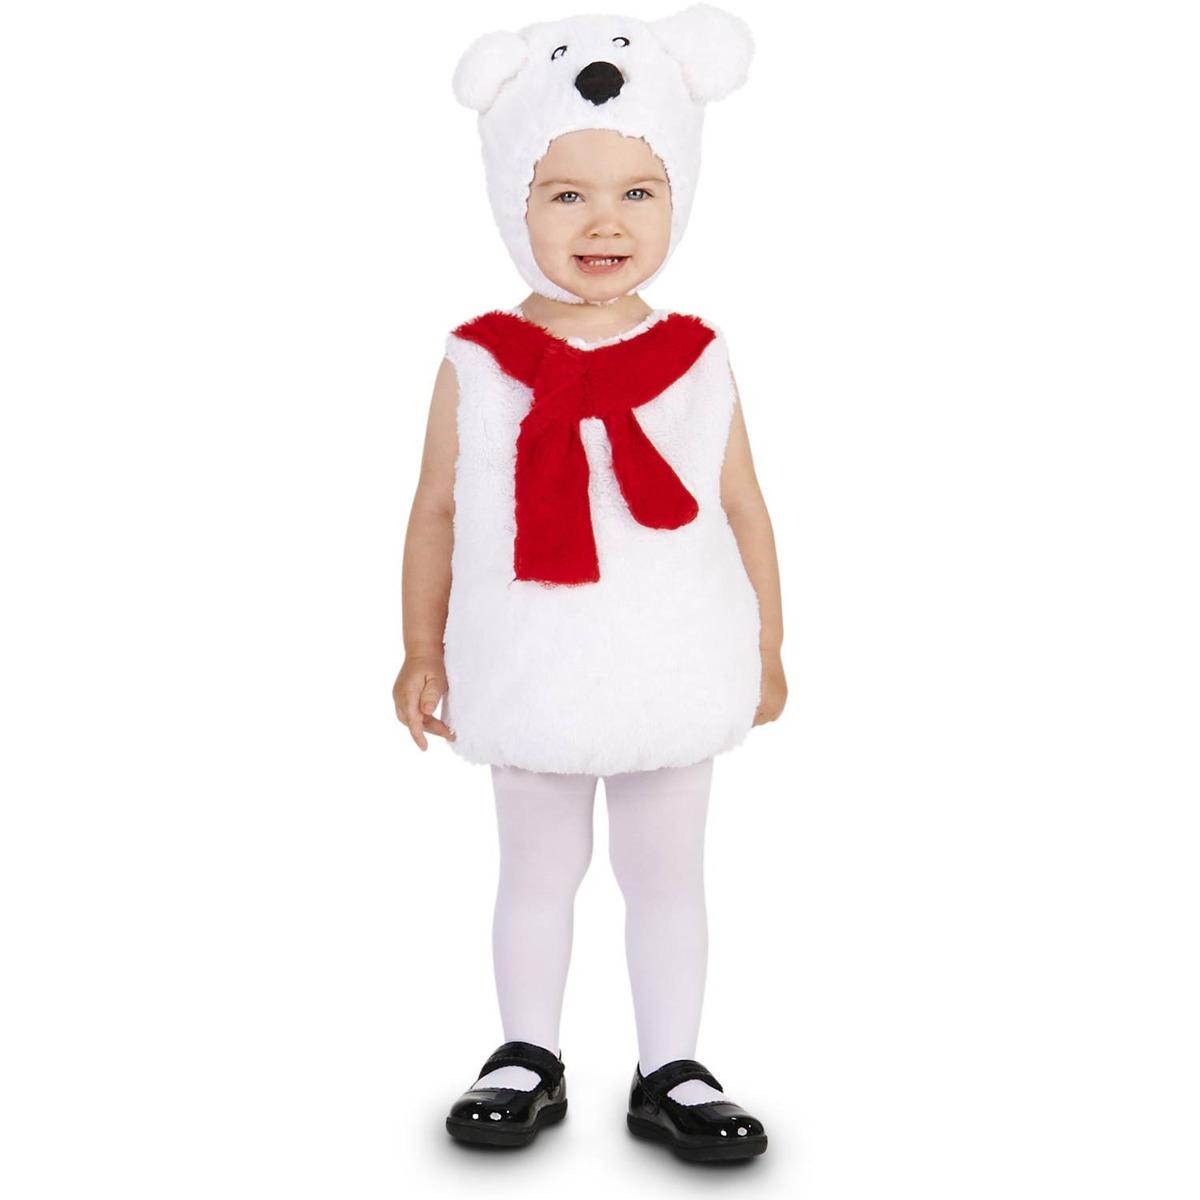 sc 1 st  Mercado Libre México & Disfraz De Oso Polar De Halloween Para Bebé - $ 740.43 en Mercado Libre